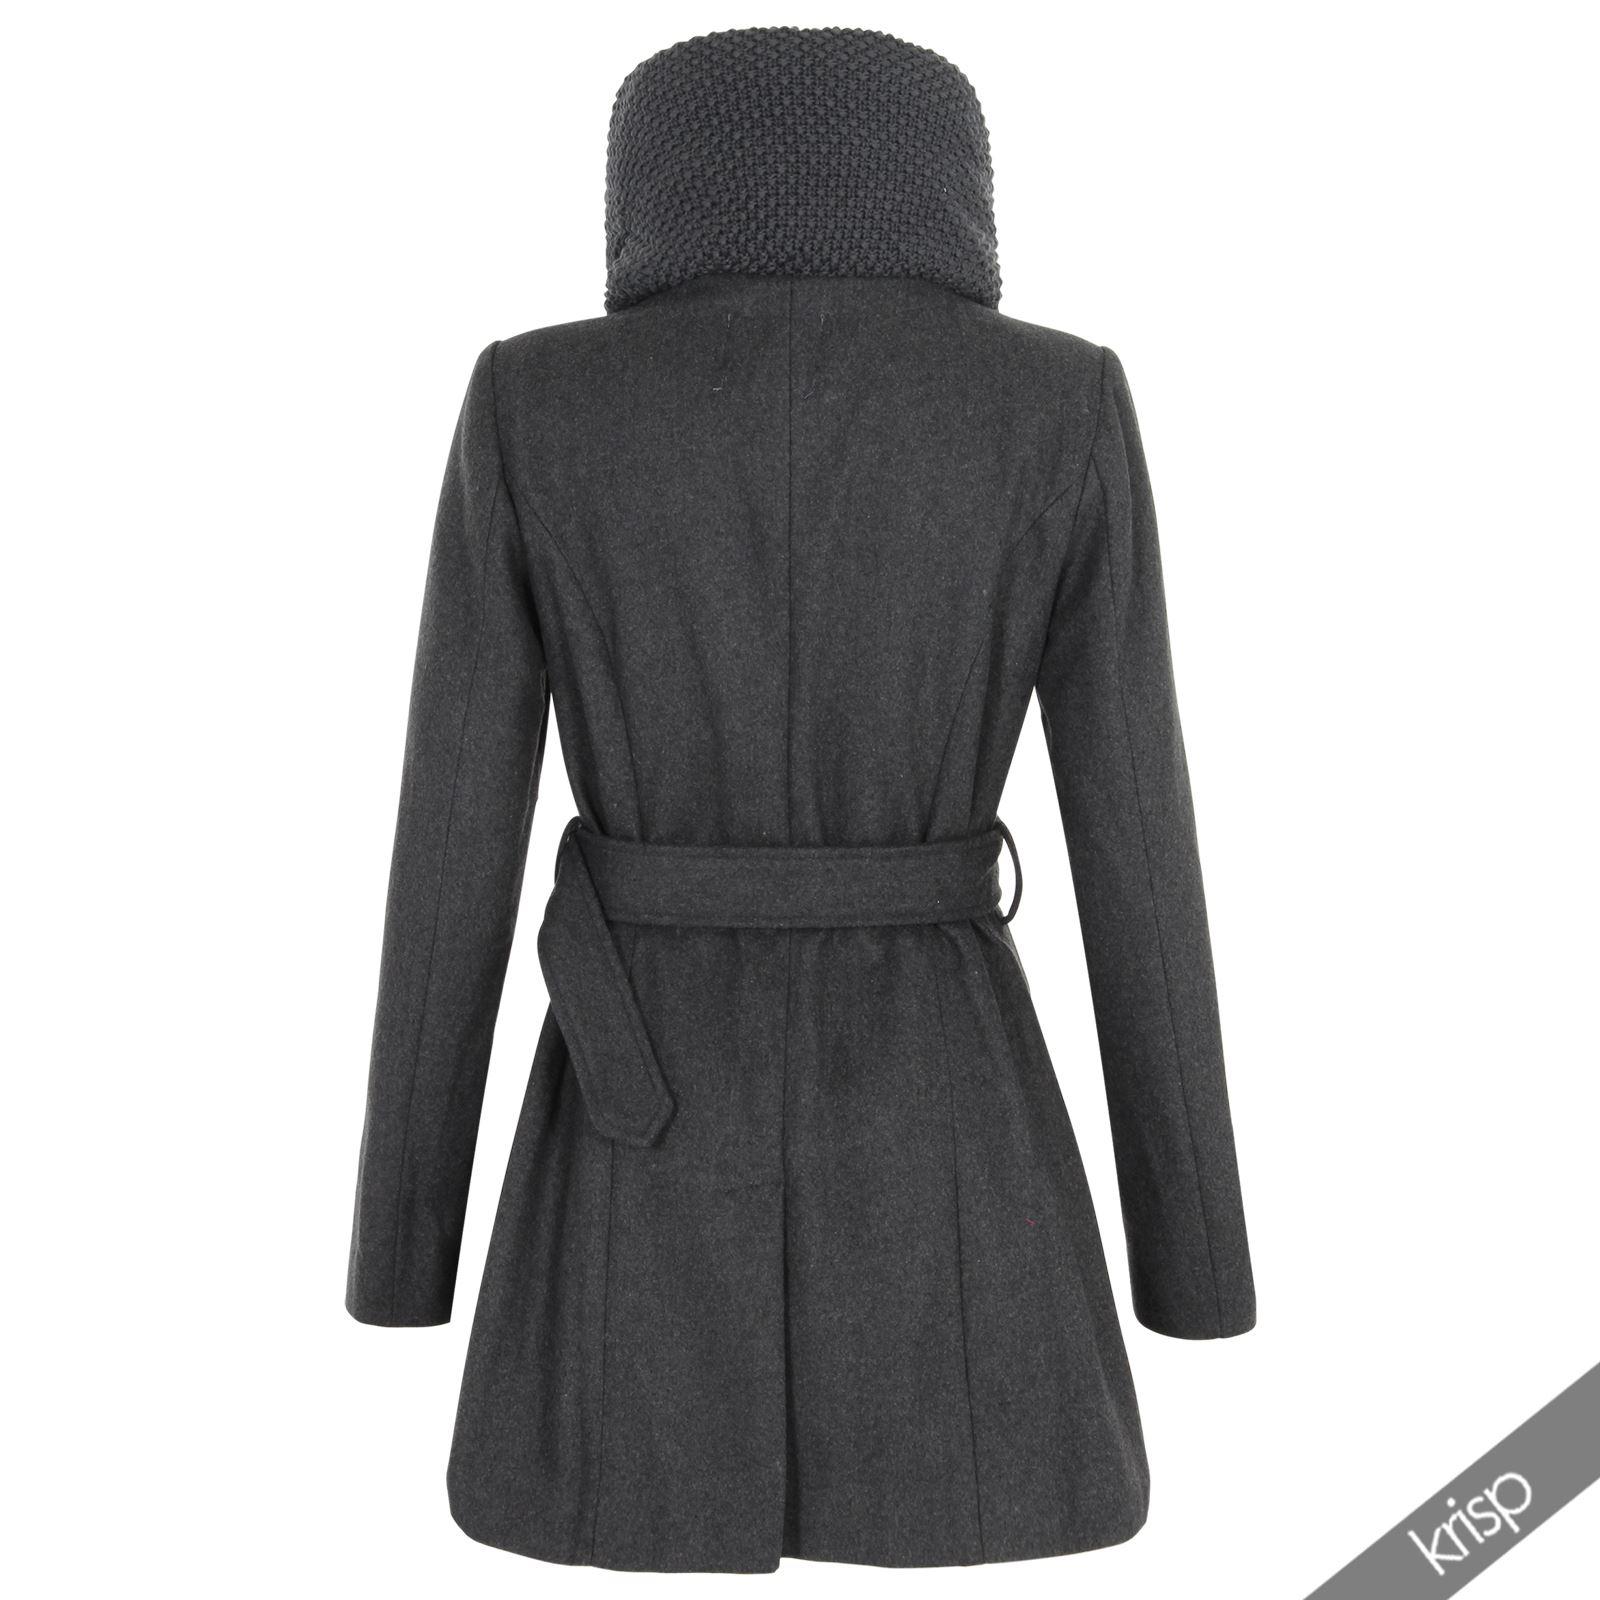 krisp damen winter mantel mit schalkragen wollmantel. Black Bedroom Furniture Sets. Home Design Ideas